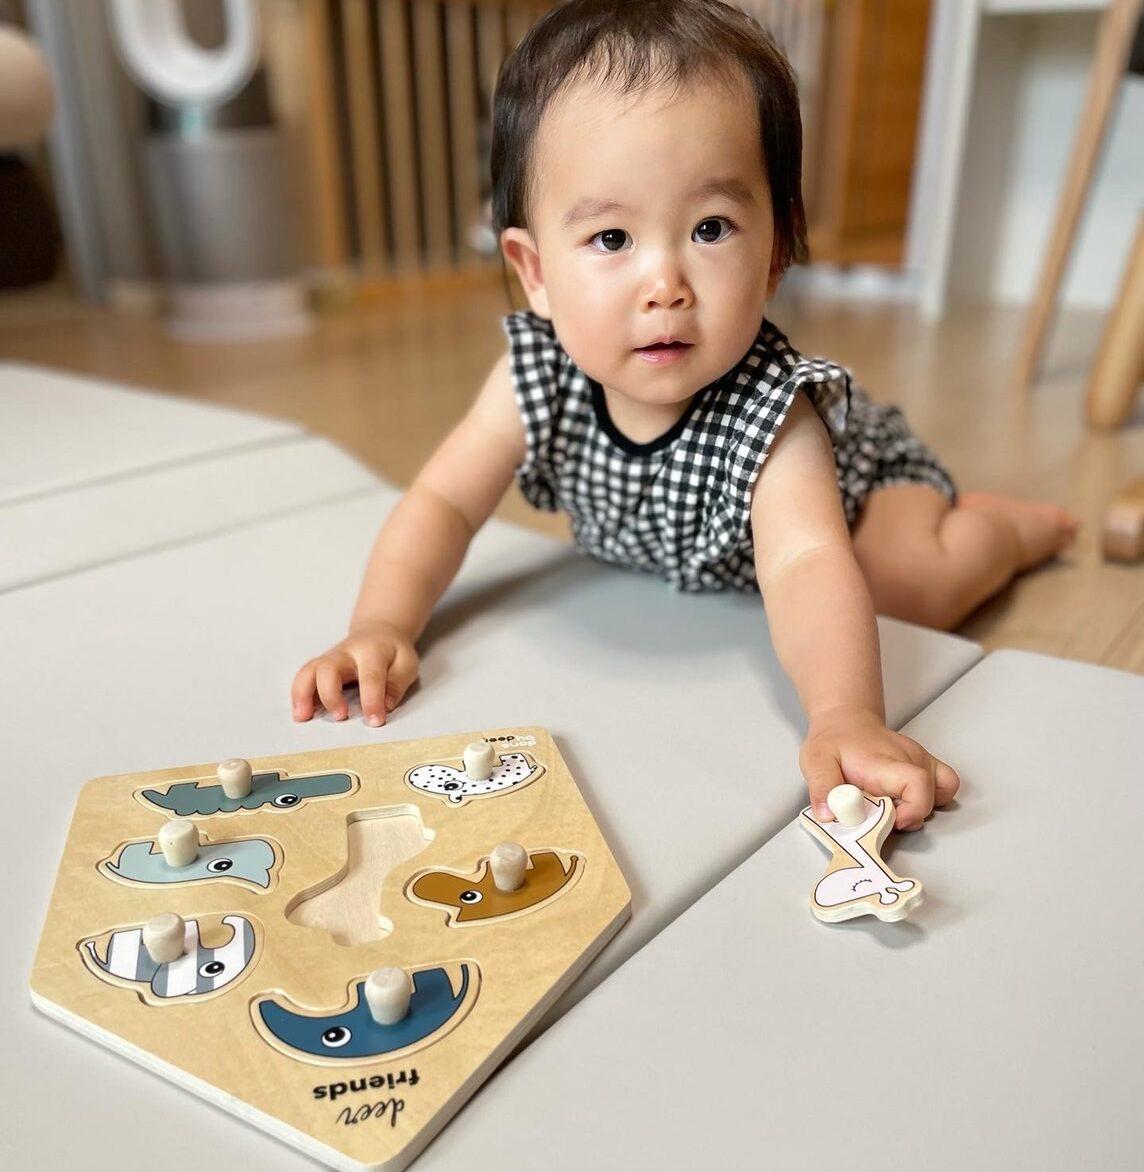 パズル遊びする娘